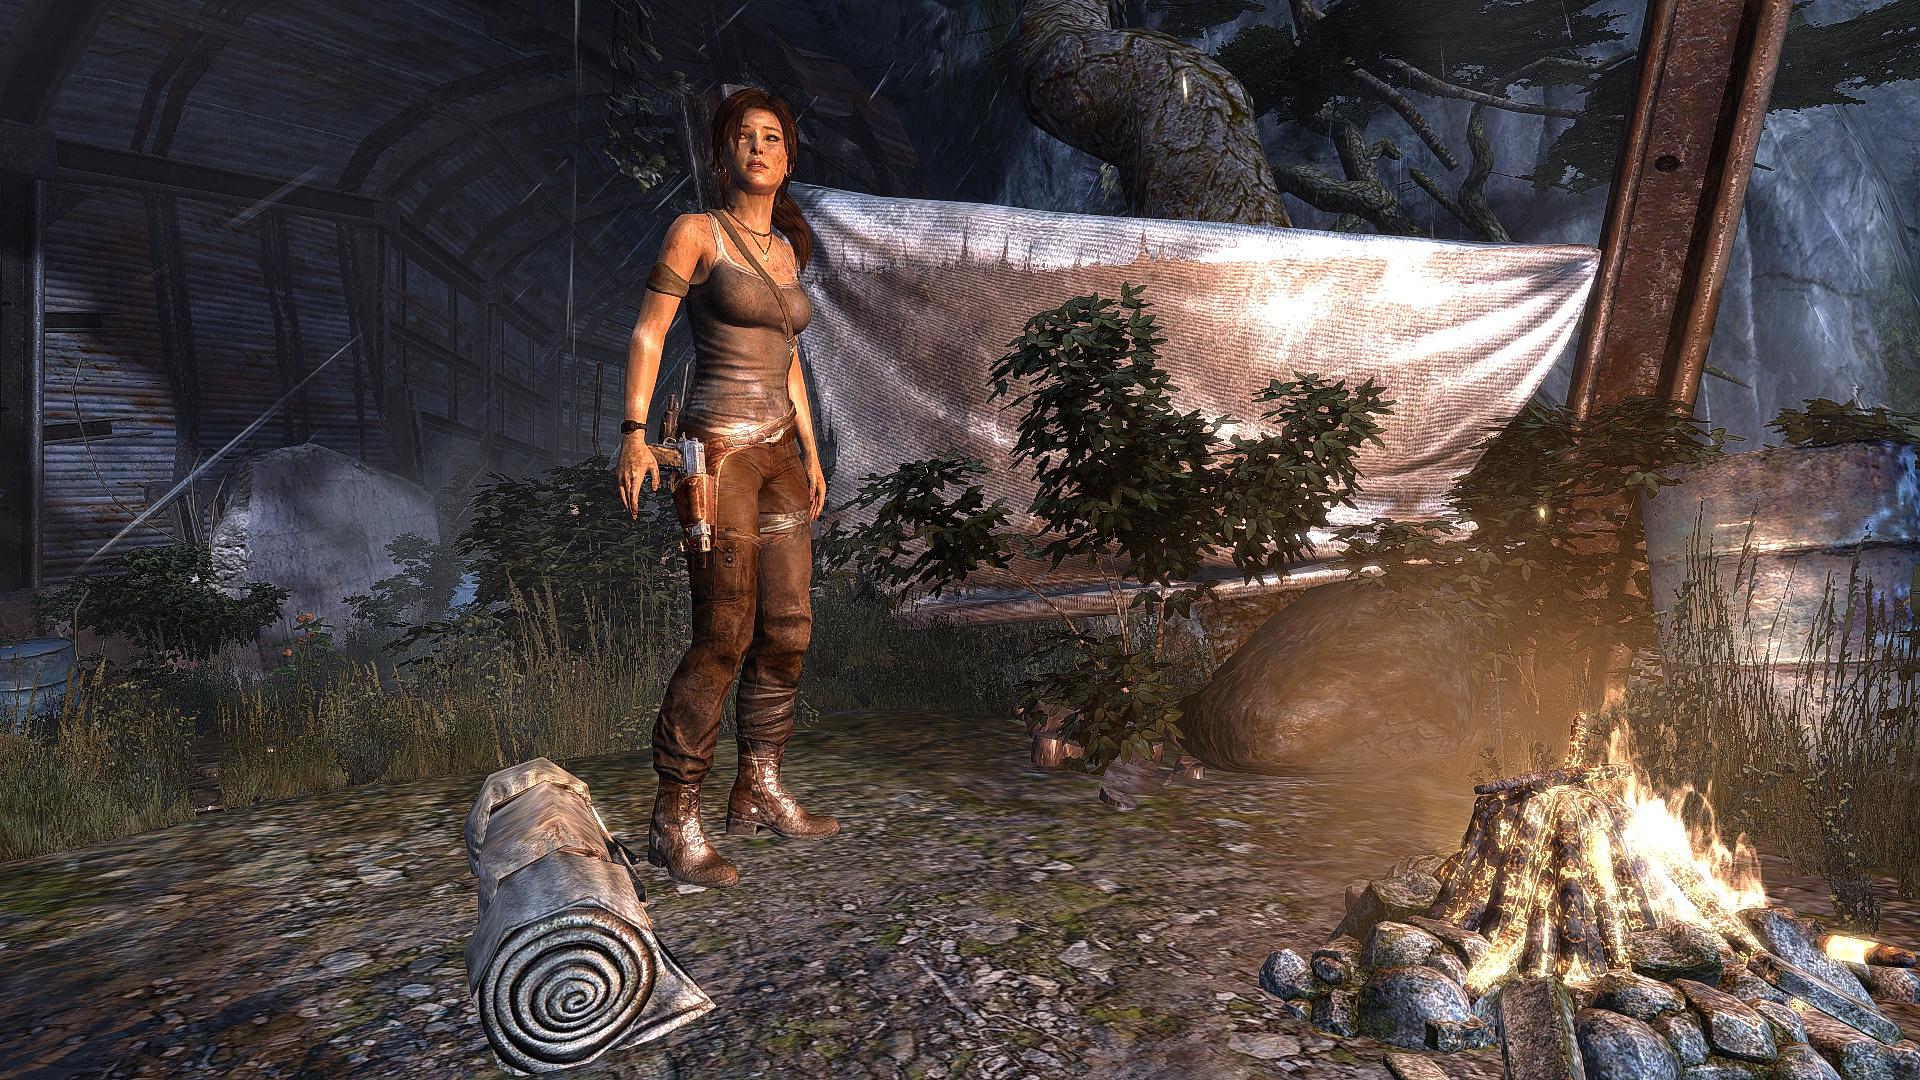 TombRaider 2017-02-26 21-45-21-682.jpg - Tomb Raider (2013)